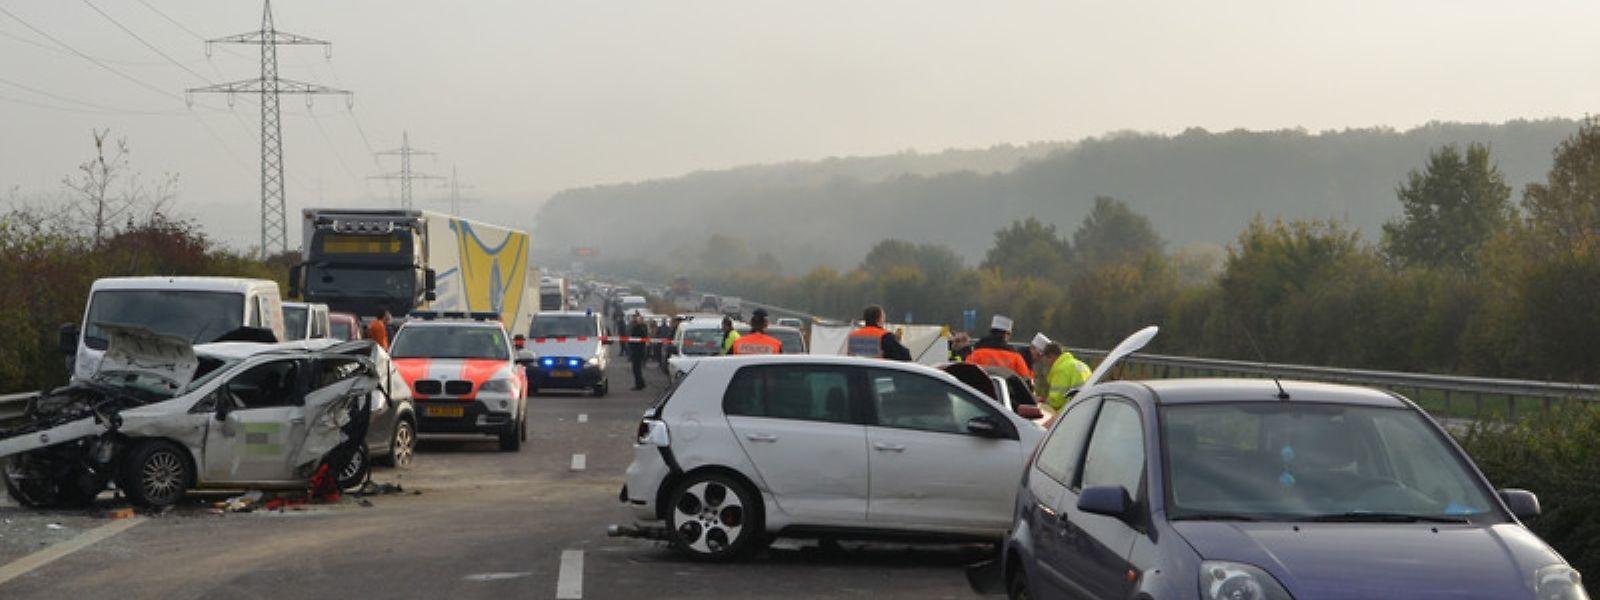 Bei dem Unfall war am 31. Oktober 2014 eine Person gestorben.